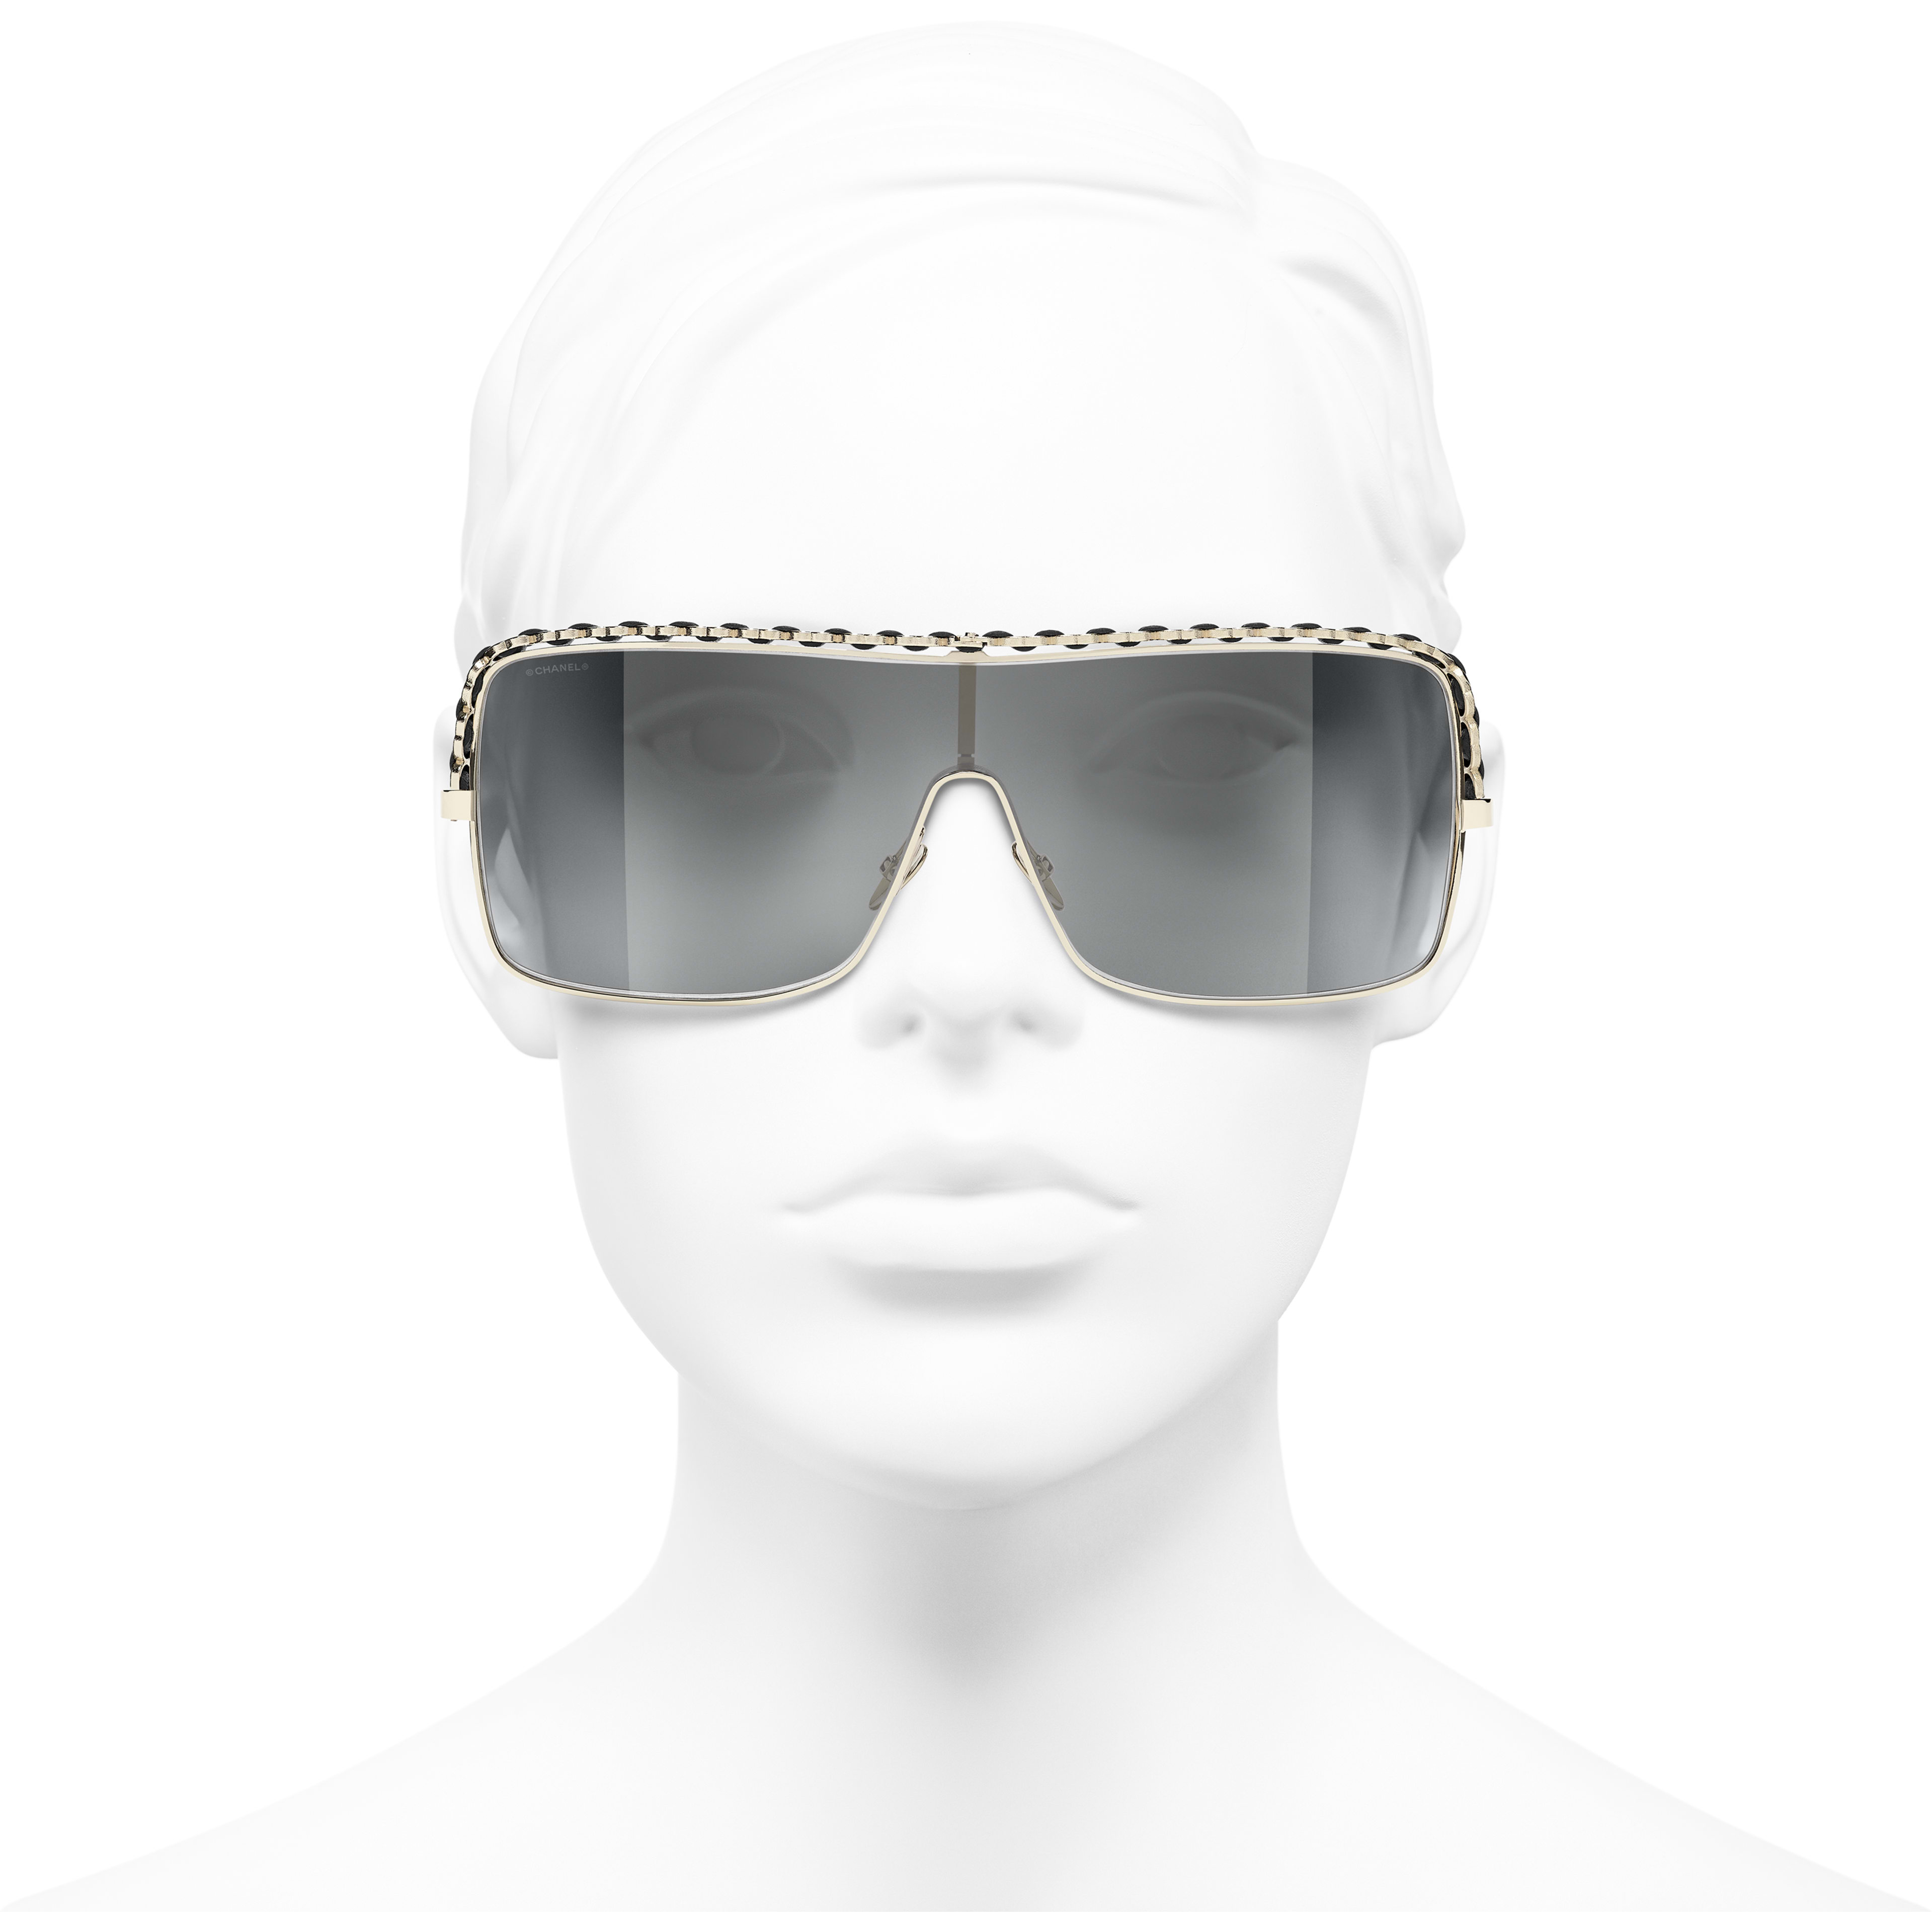 Gafas de sol montura ancha - Dorado - Metal y piel de cordero - CHANEL - Vista de frente puesto - ver la versión tamaño estándar